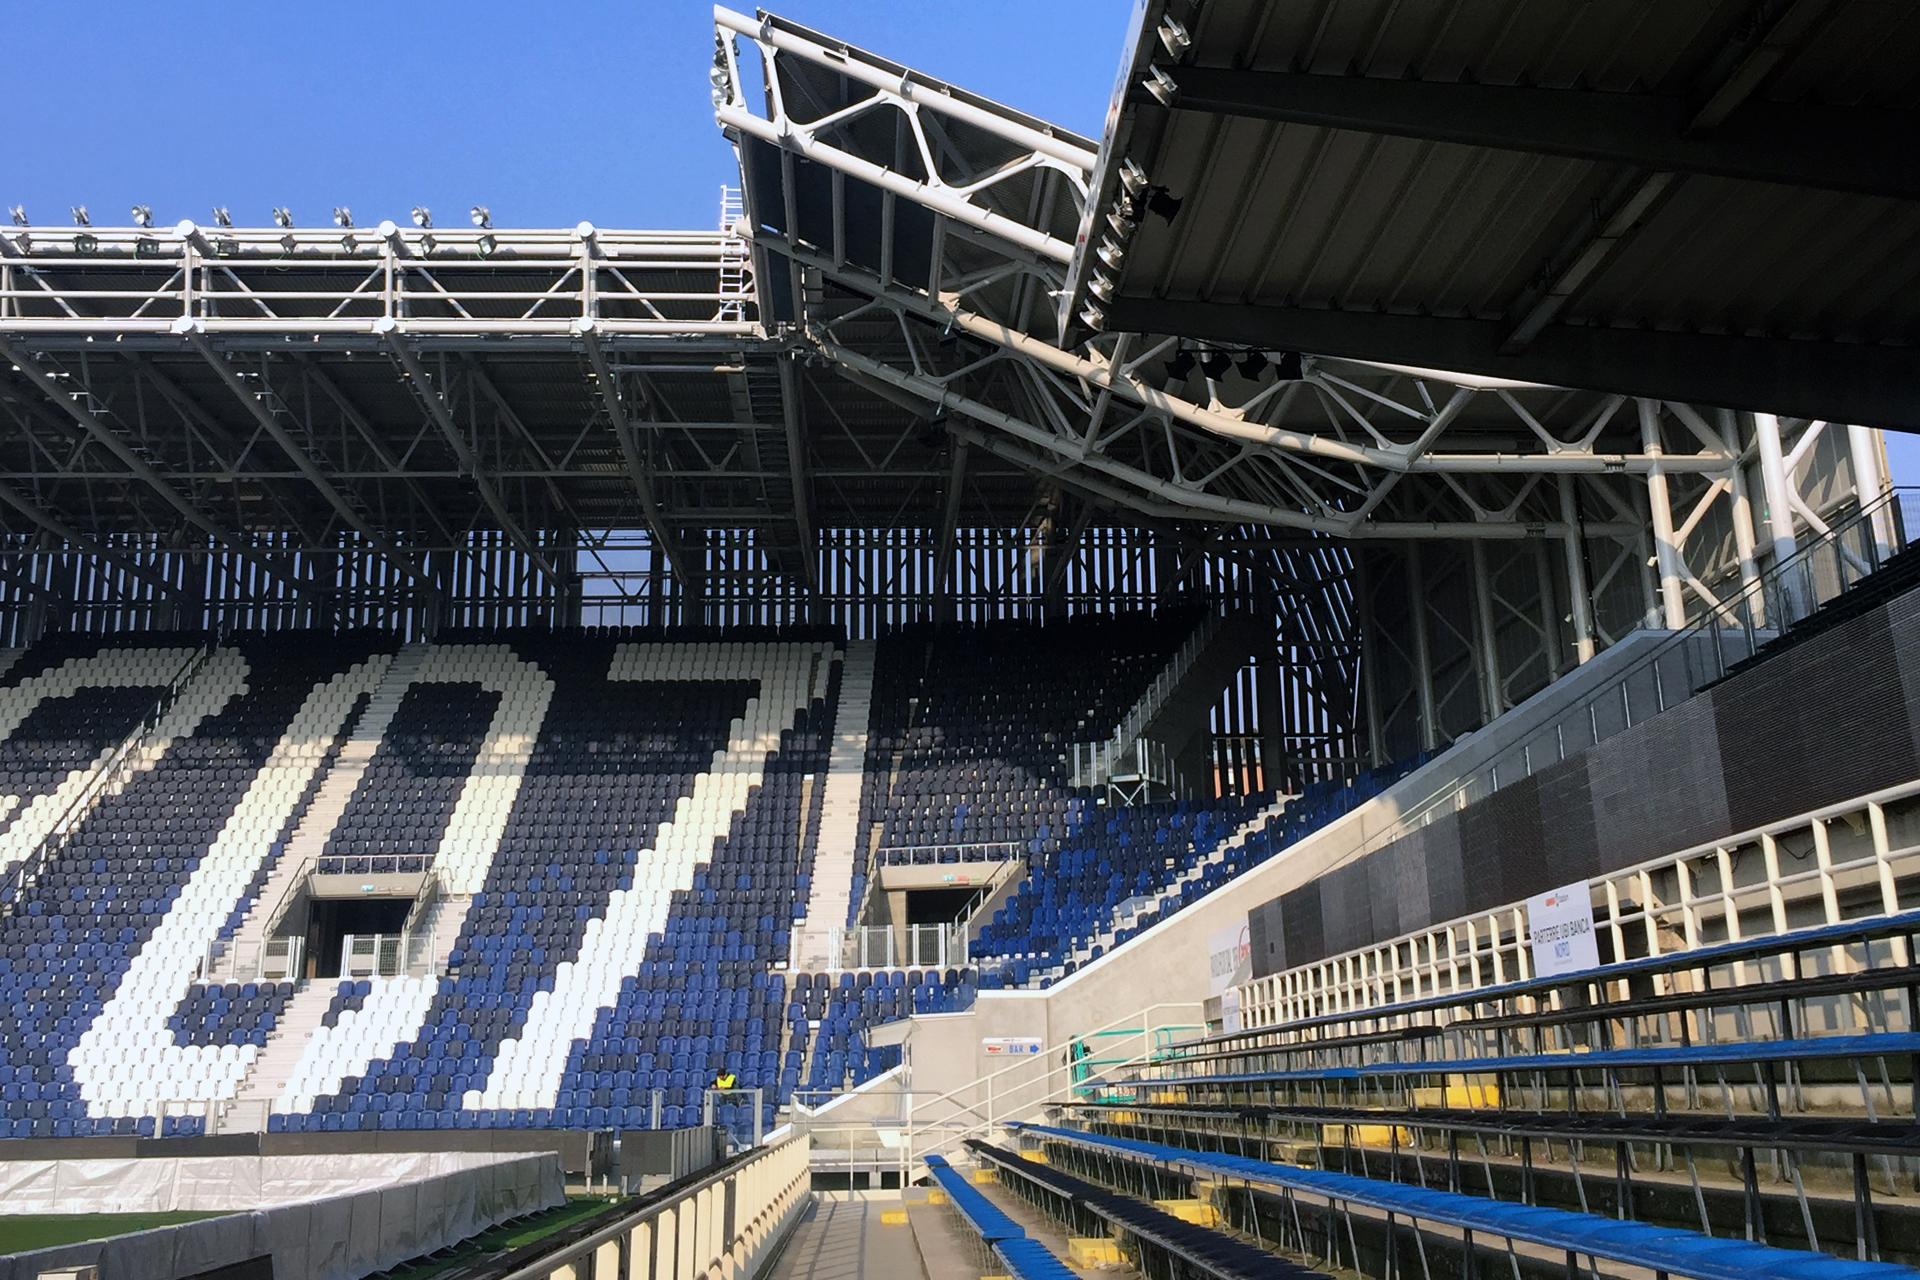 Gewiss Stadium, Percassi